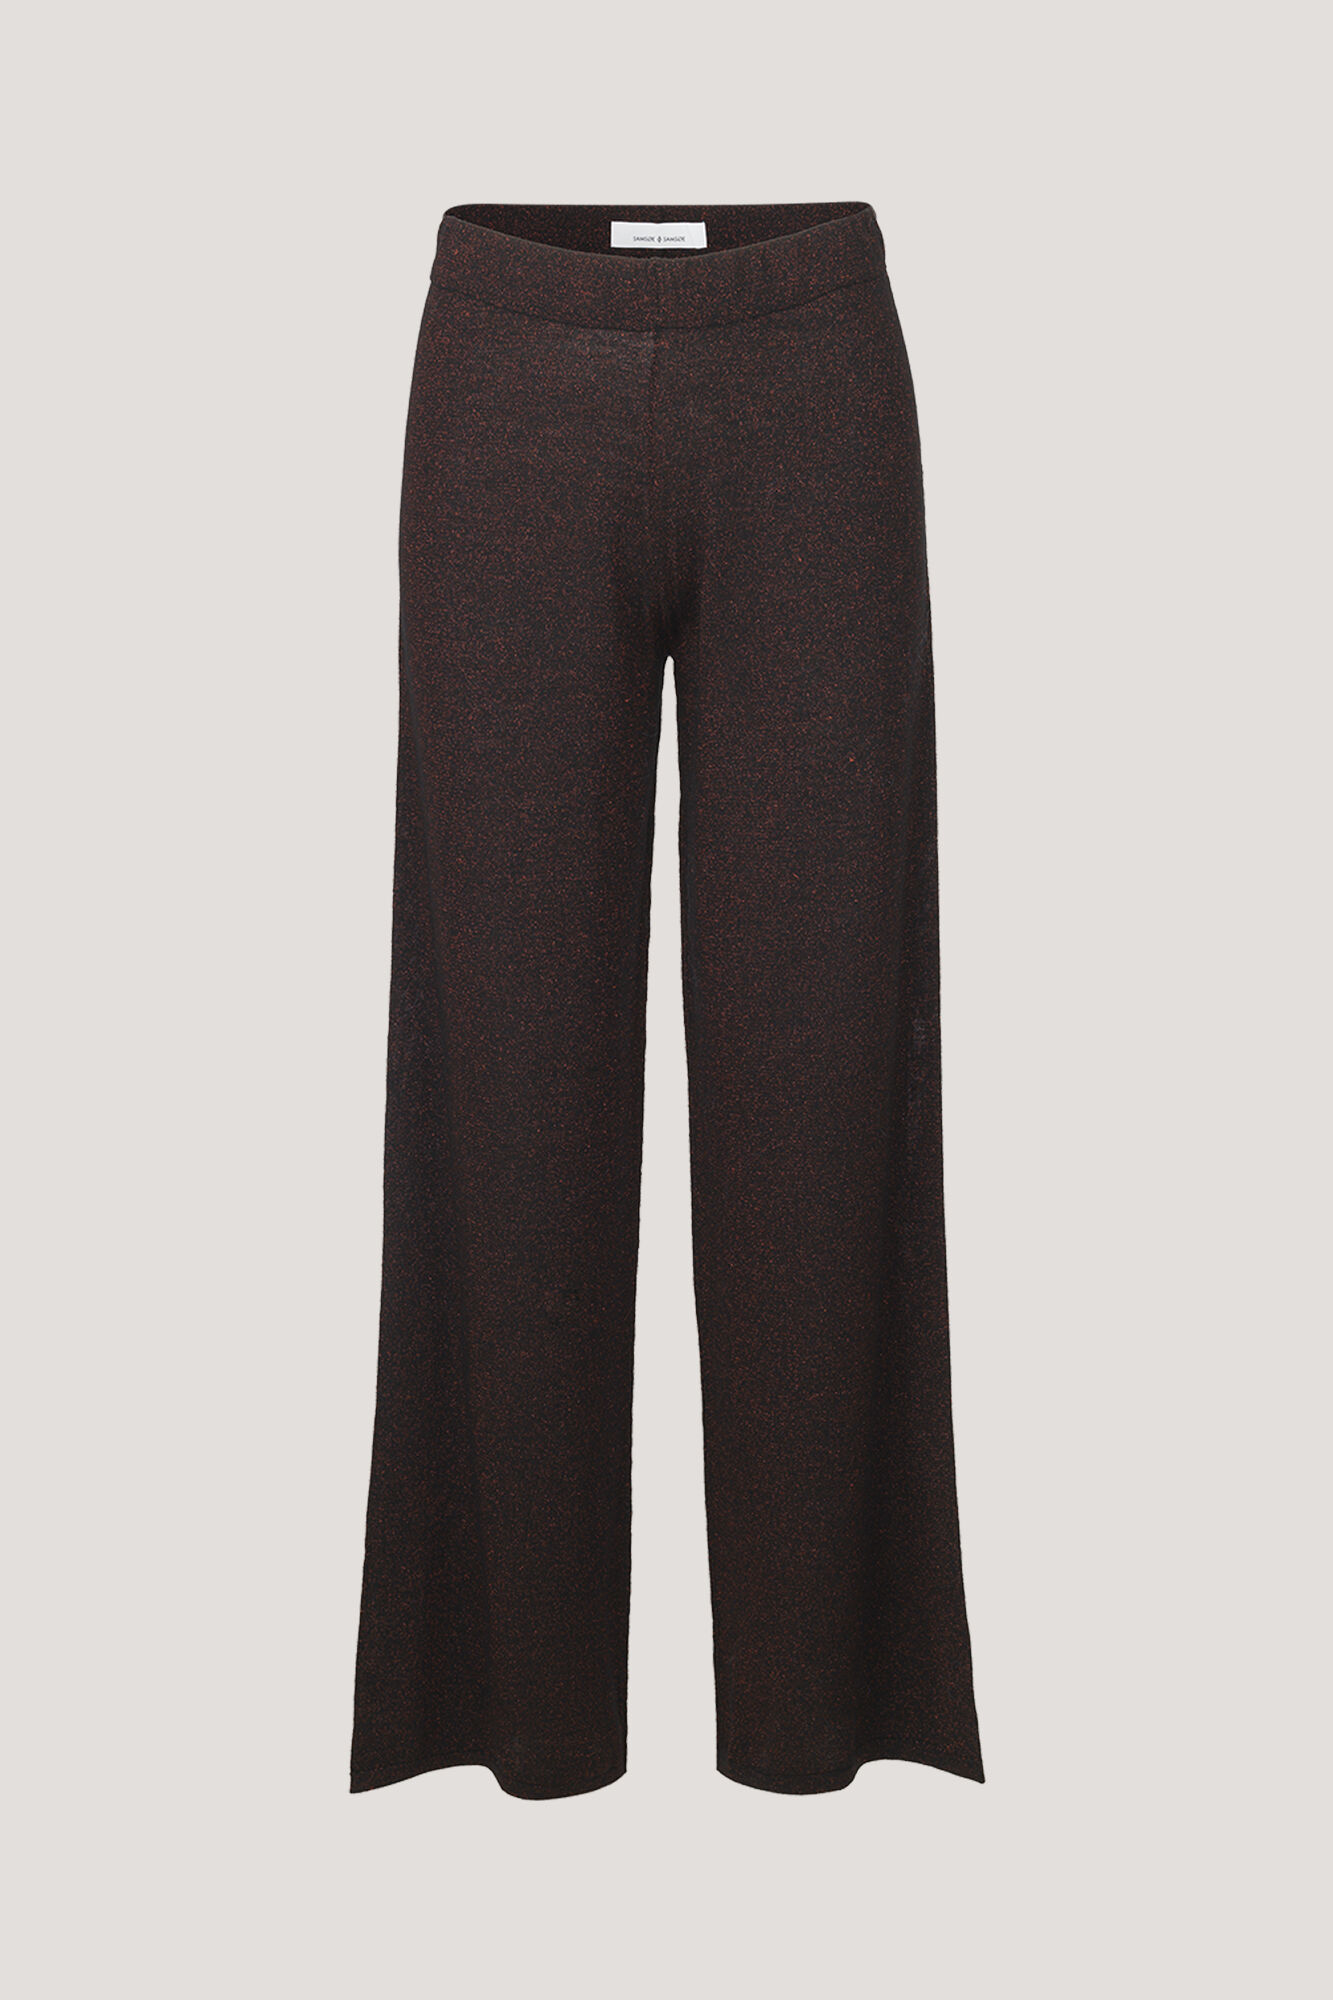 Maddie pants 9554, PINK GLITTER